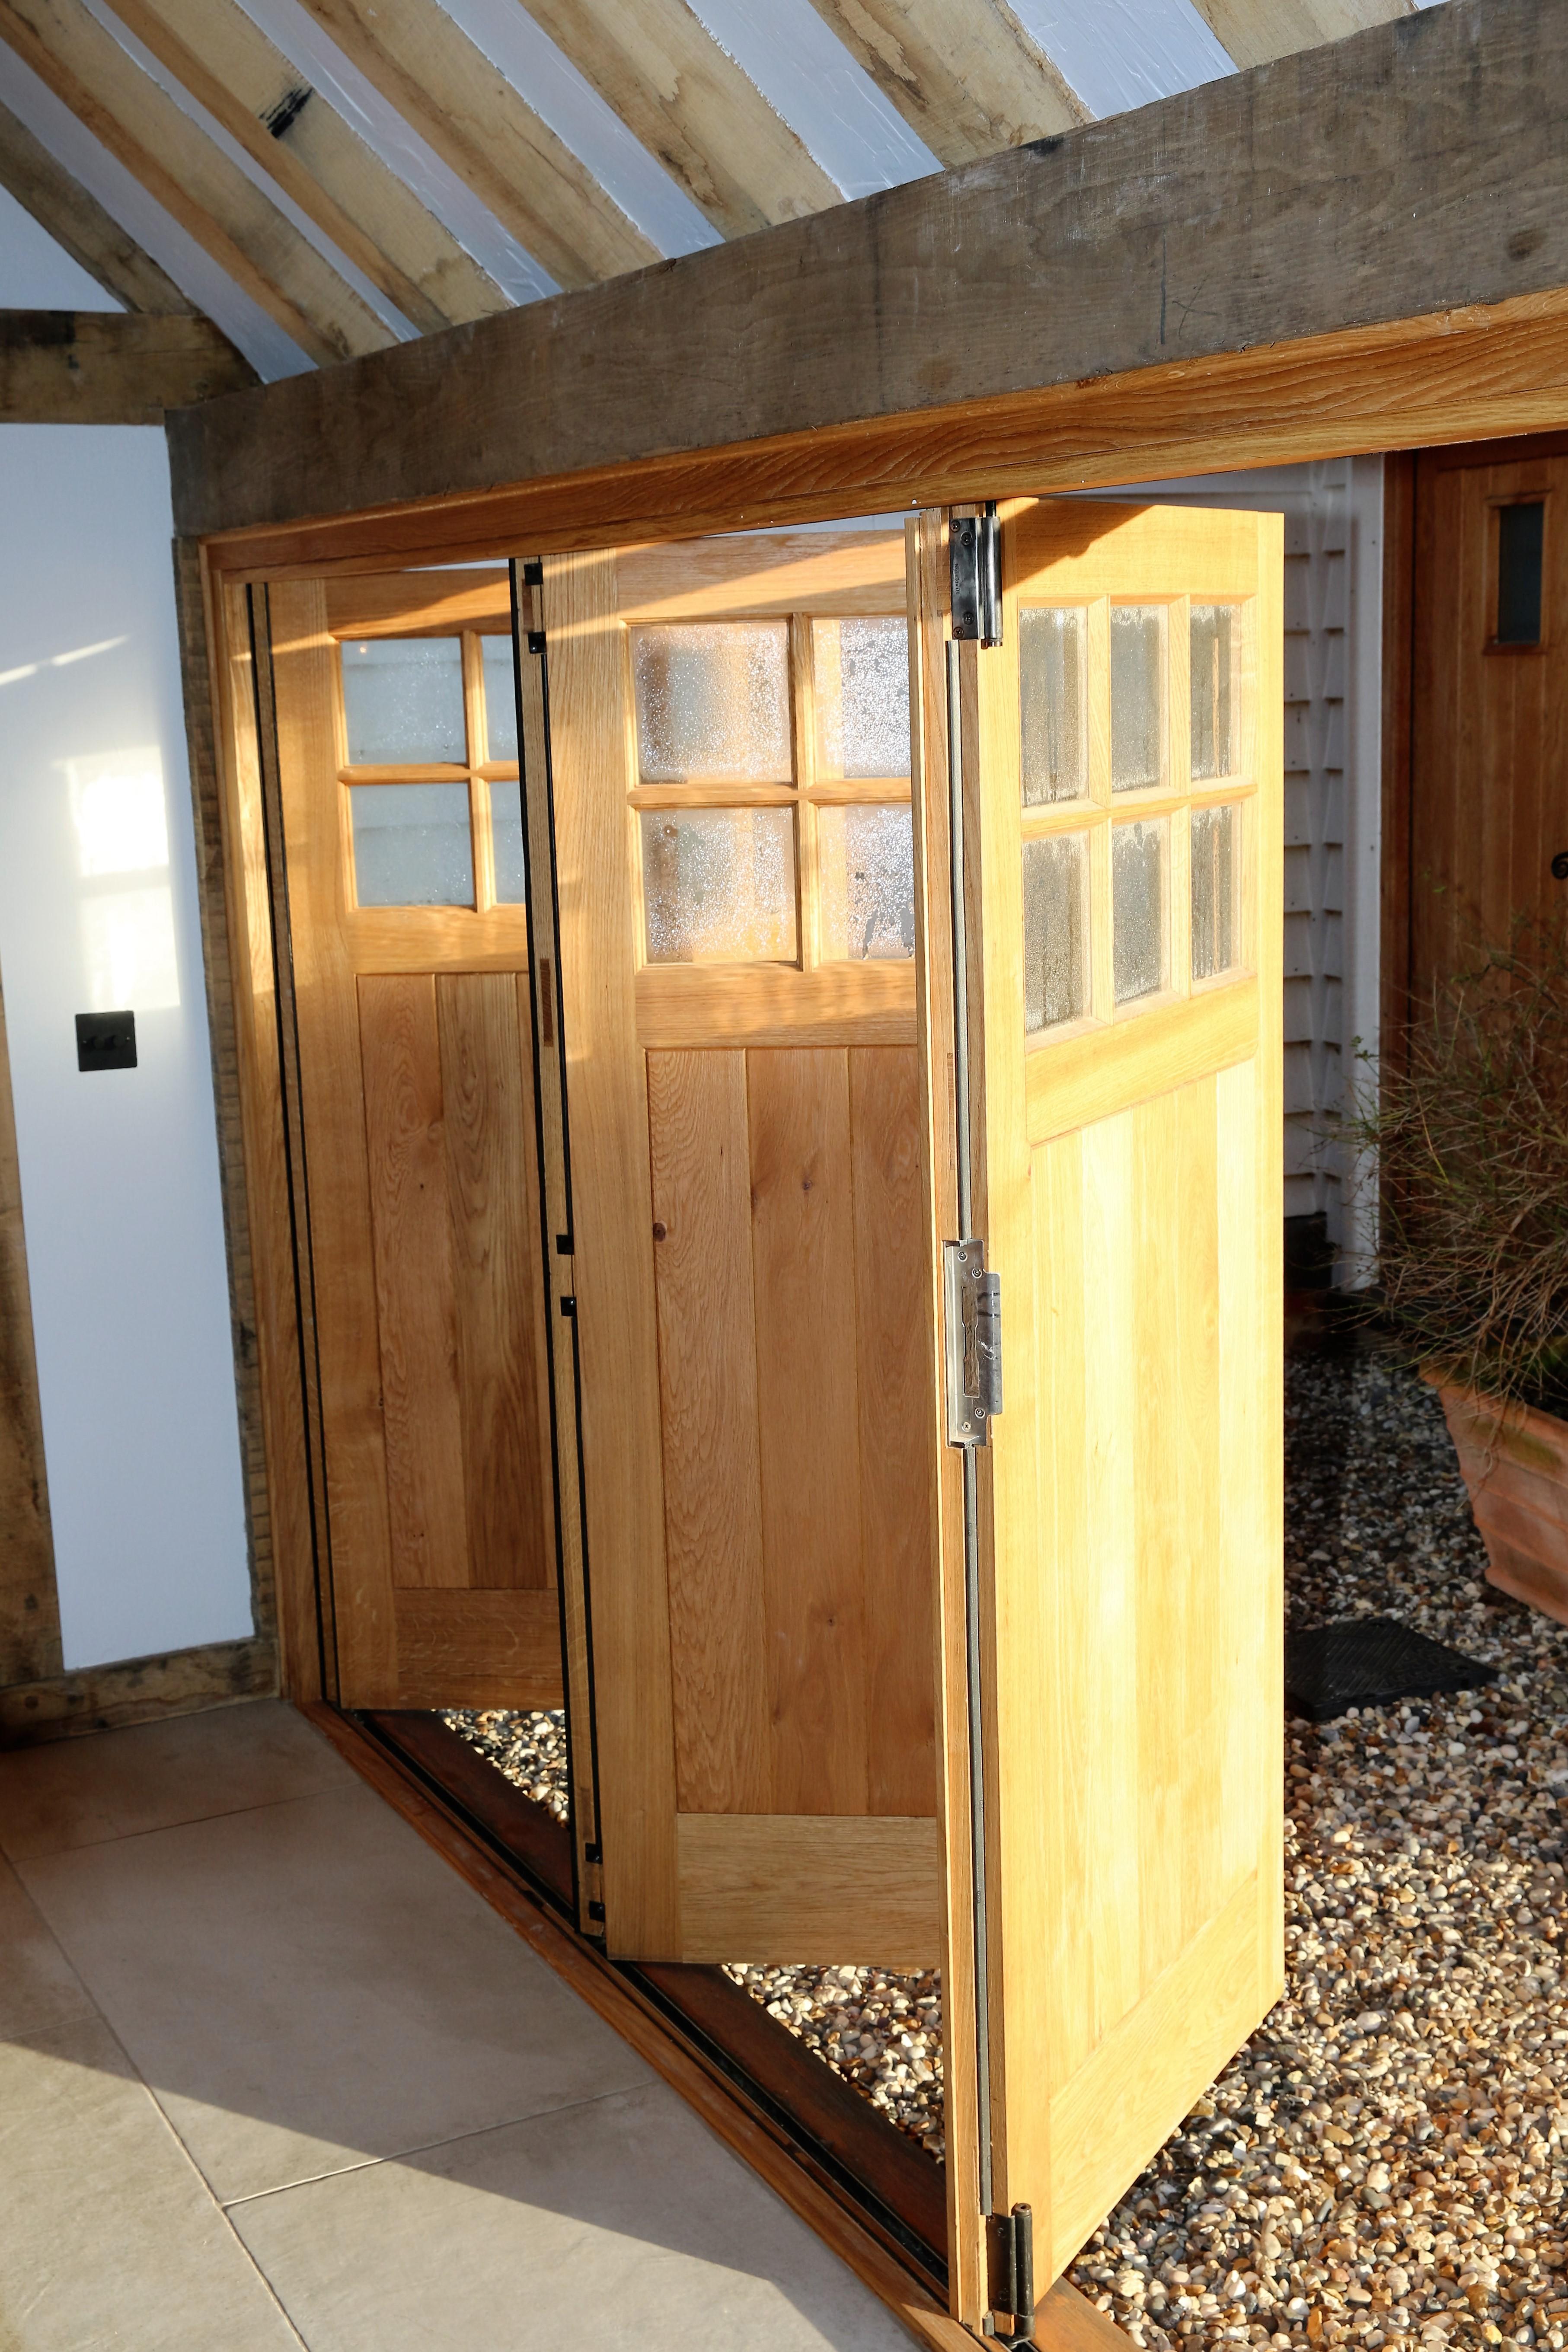 5441 #A78624 Doors Gestingthorpe Oak External Door Stansfield Oak External Door  save image Precision Entry Doors 45773627